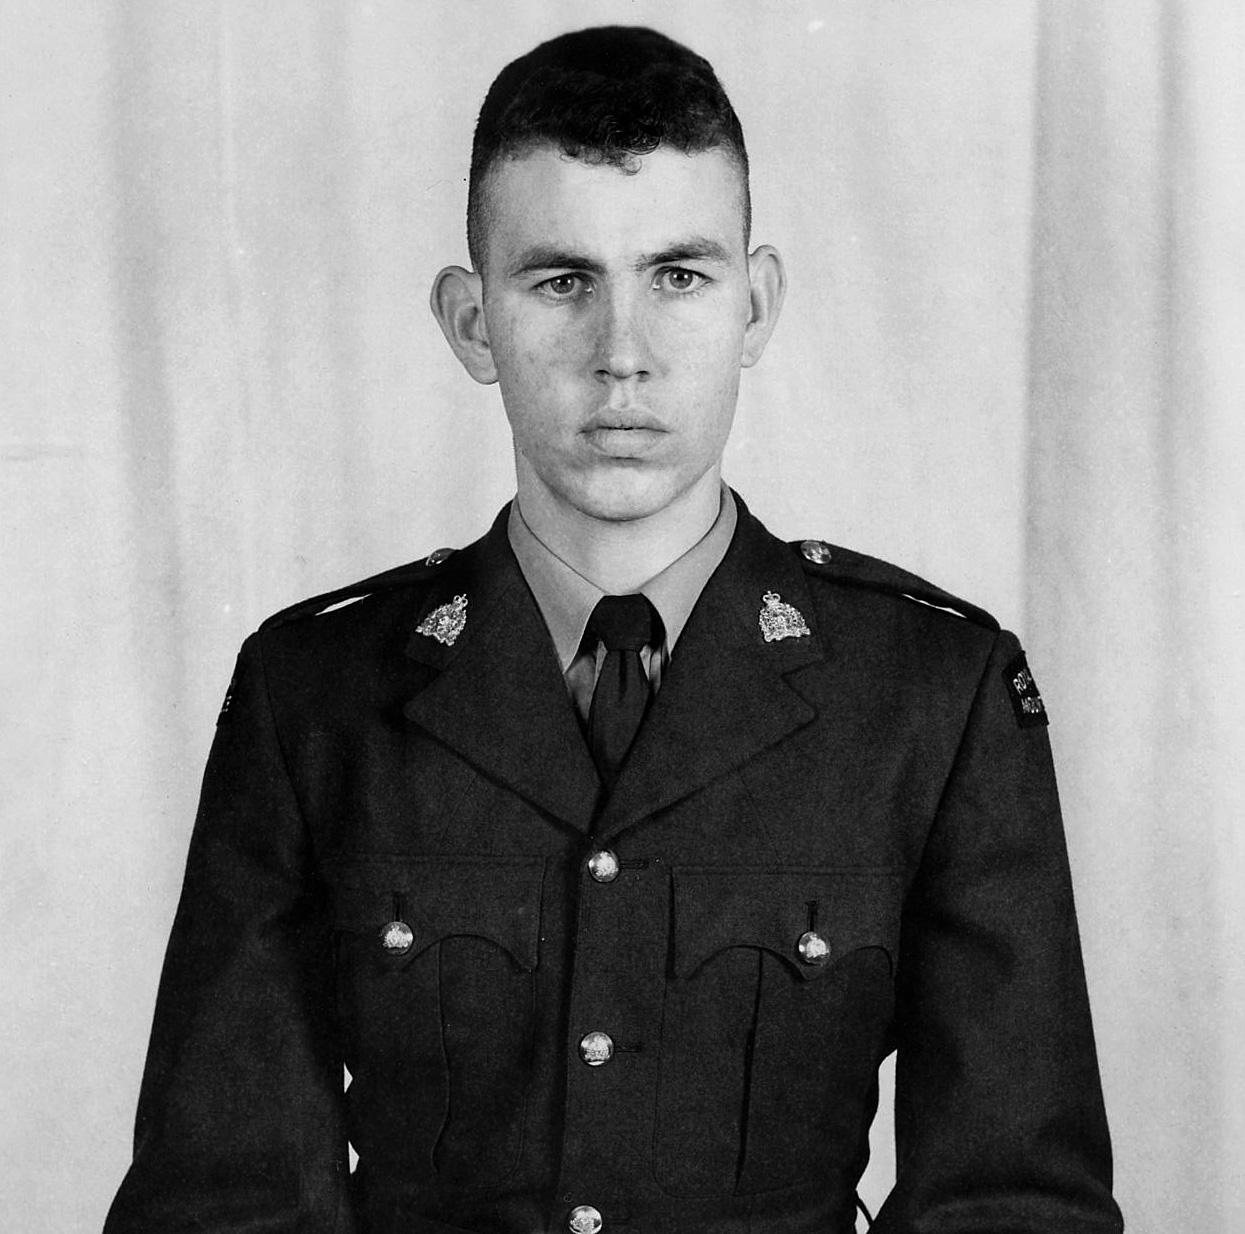 Constable David Brian Robinson